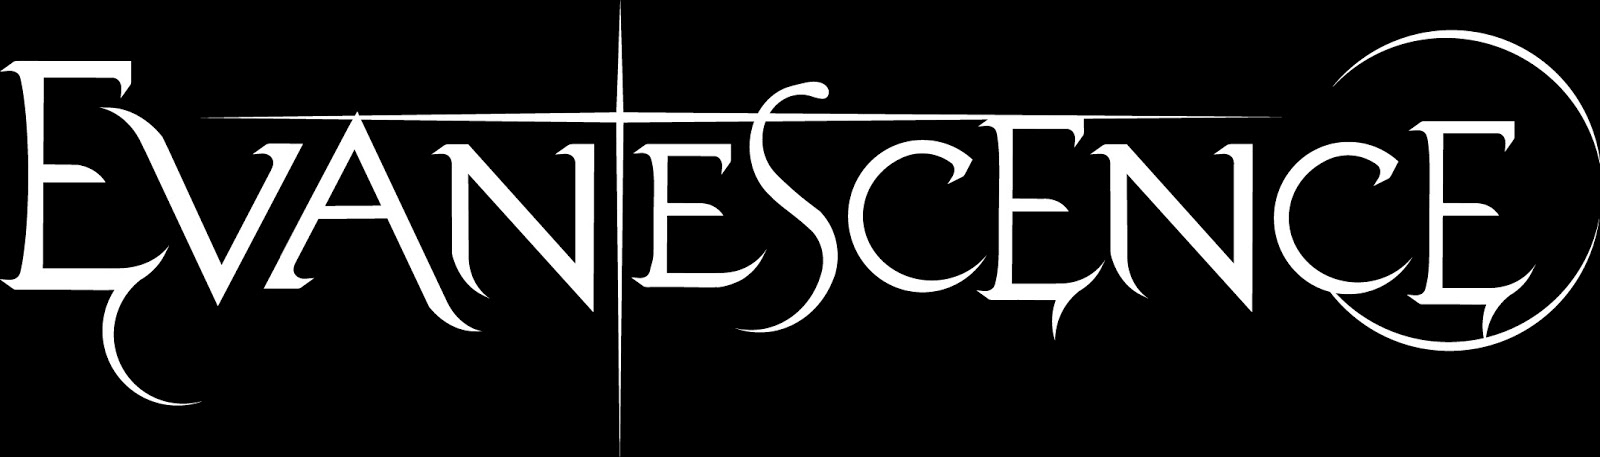 Evanescence 2013 Logo